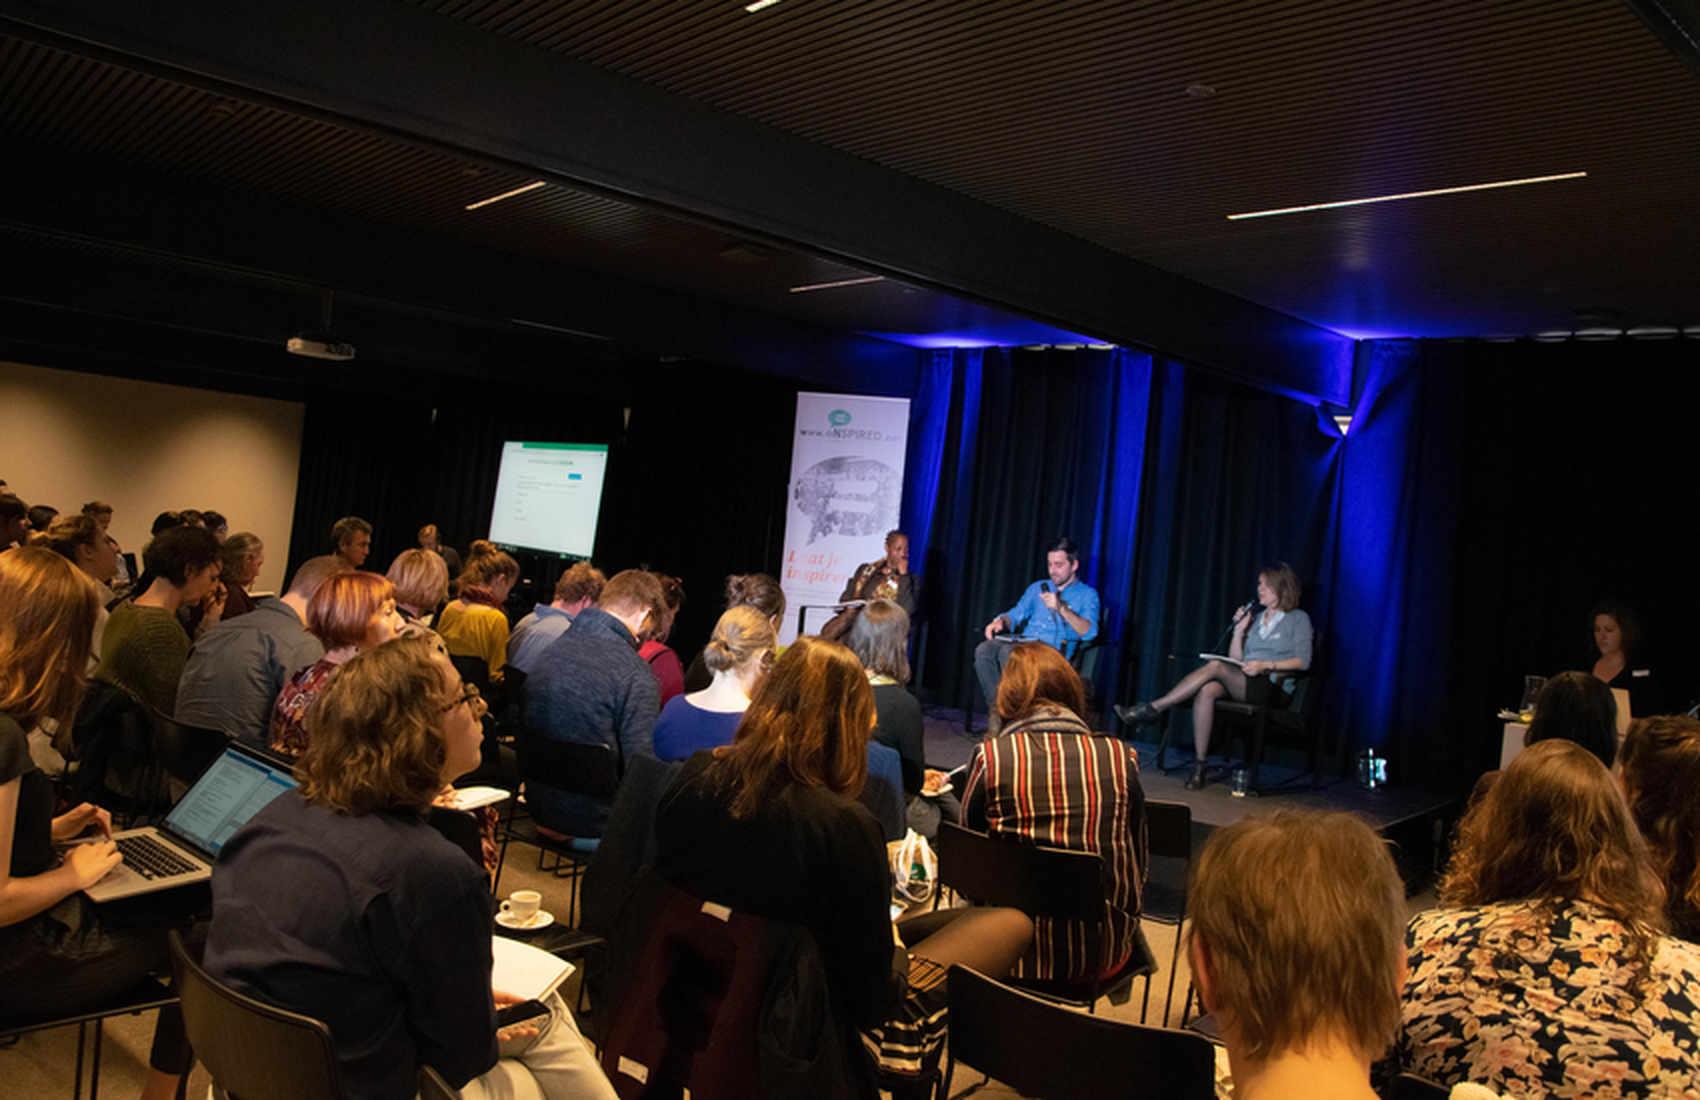 Wendelien en madeleine zoeken samen naar linken en oplossingen voor genderuitdagingen tijdens een internationale dialoog.